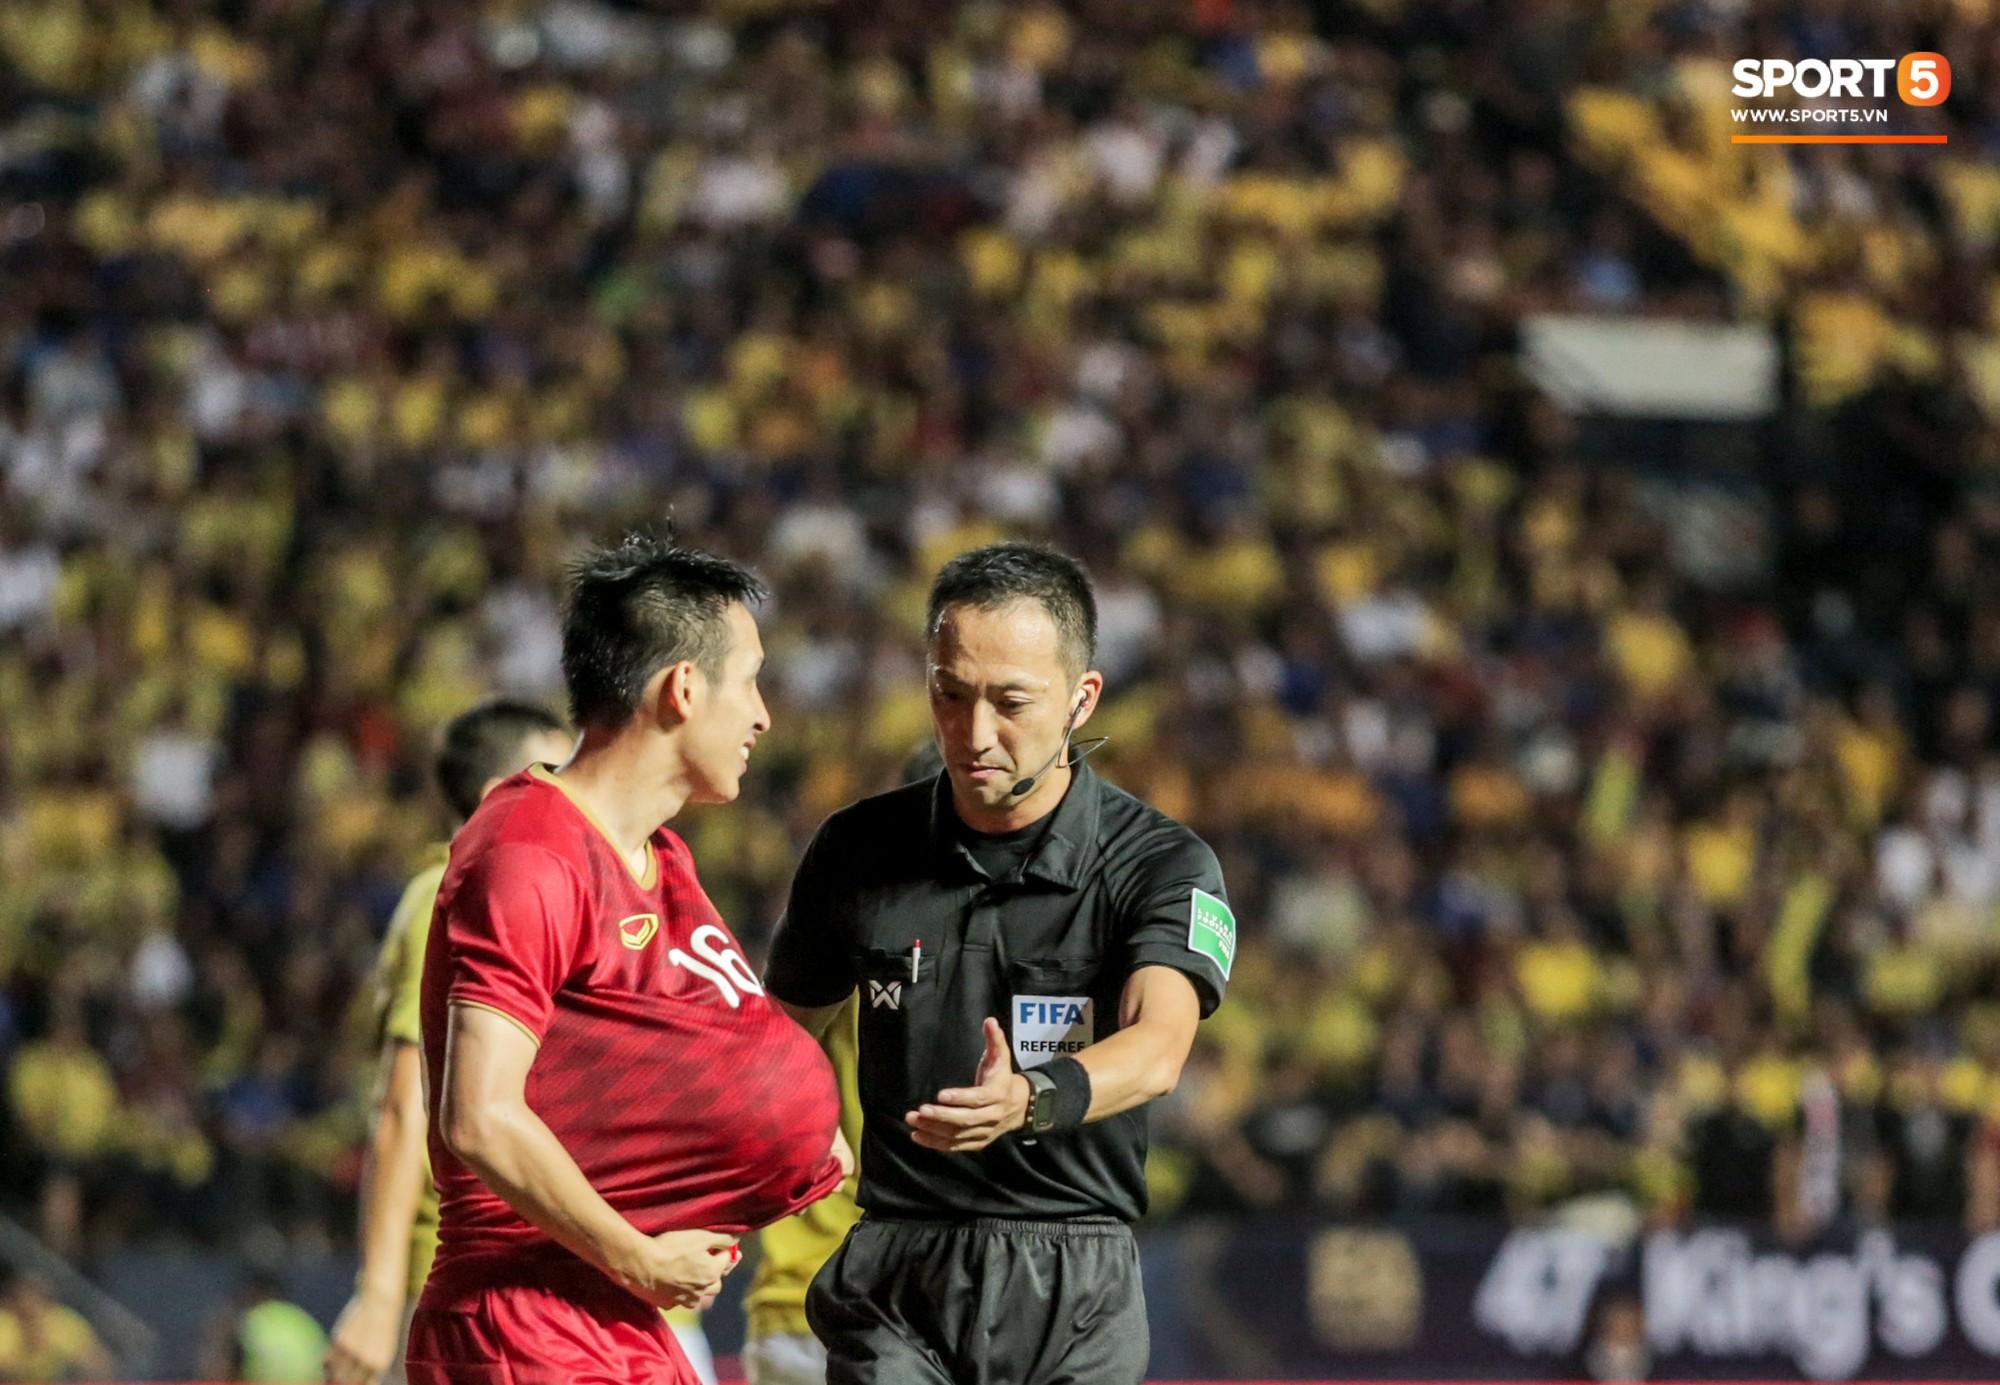 Hài hước: Tiền vệ tuyển Việt Nam bị trọng tài xin lại bụng bầu sau màn ăn mừng kinh điển-6